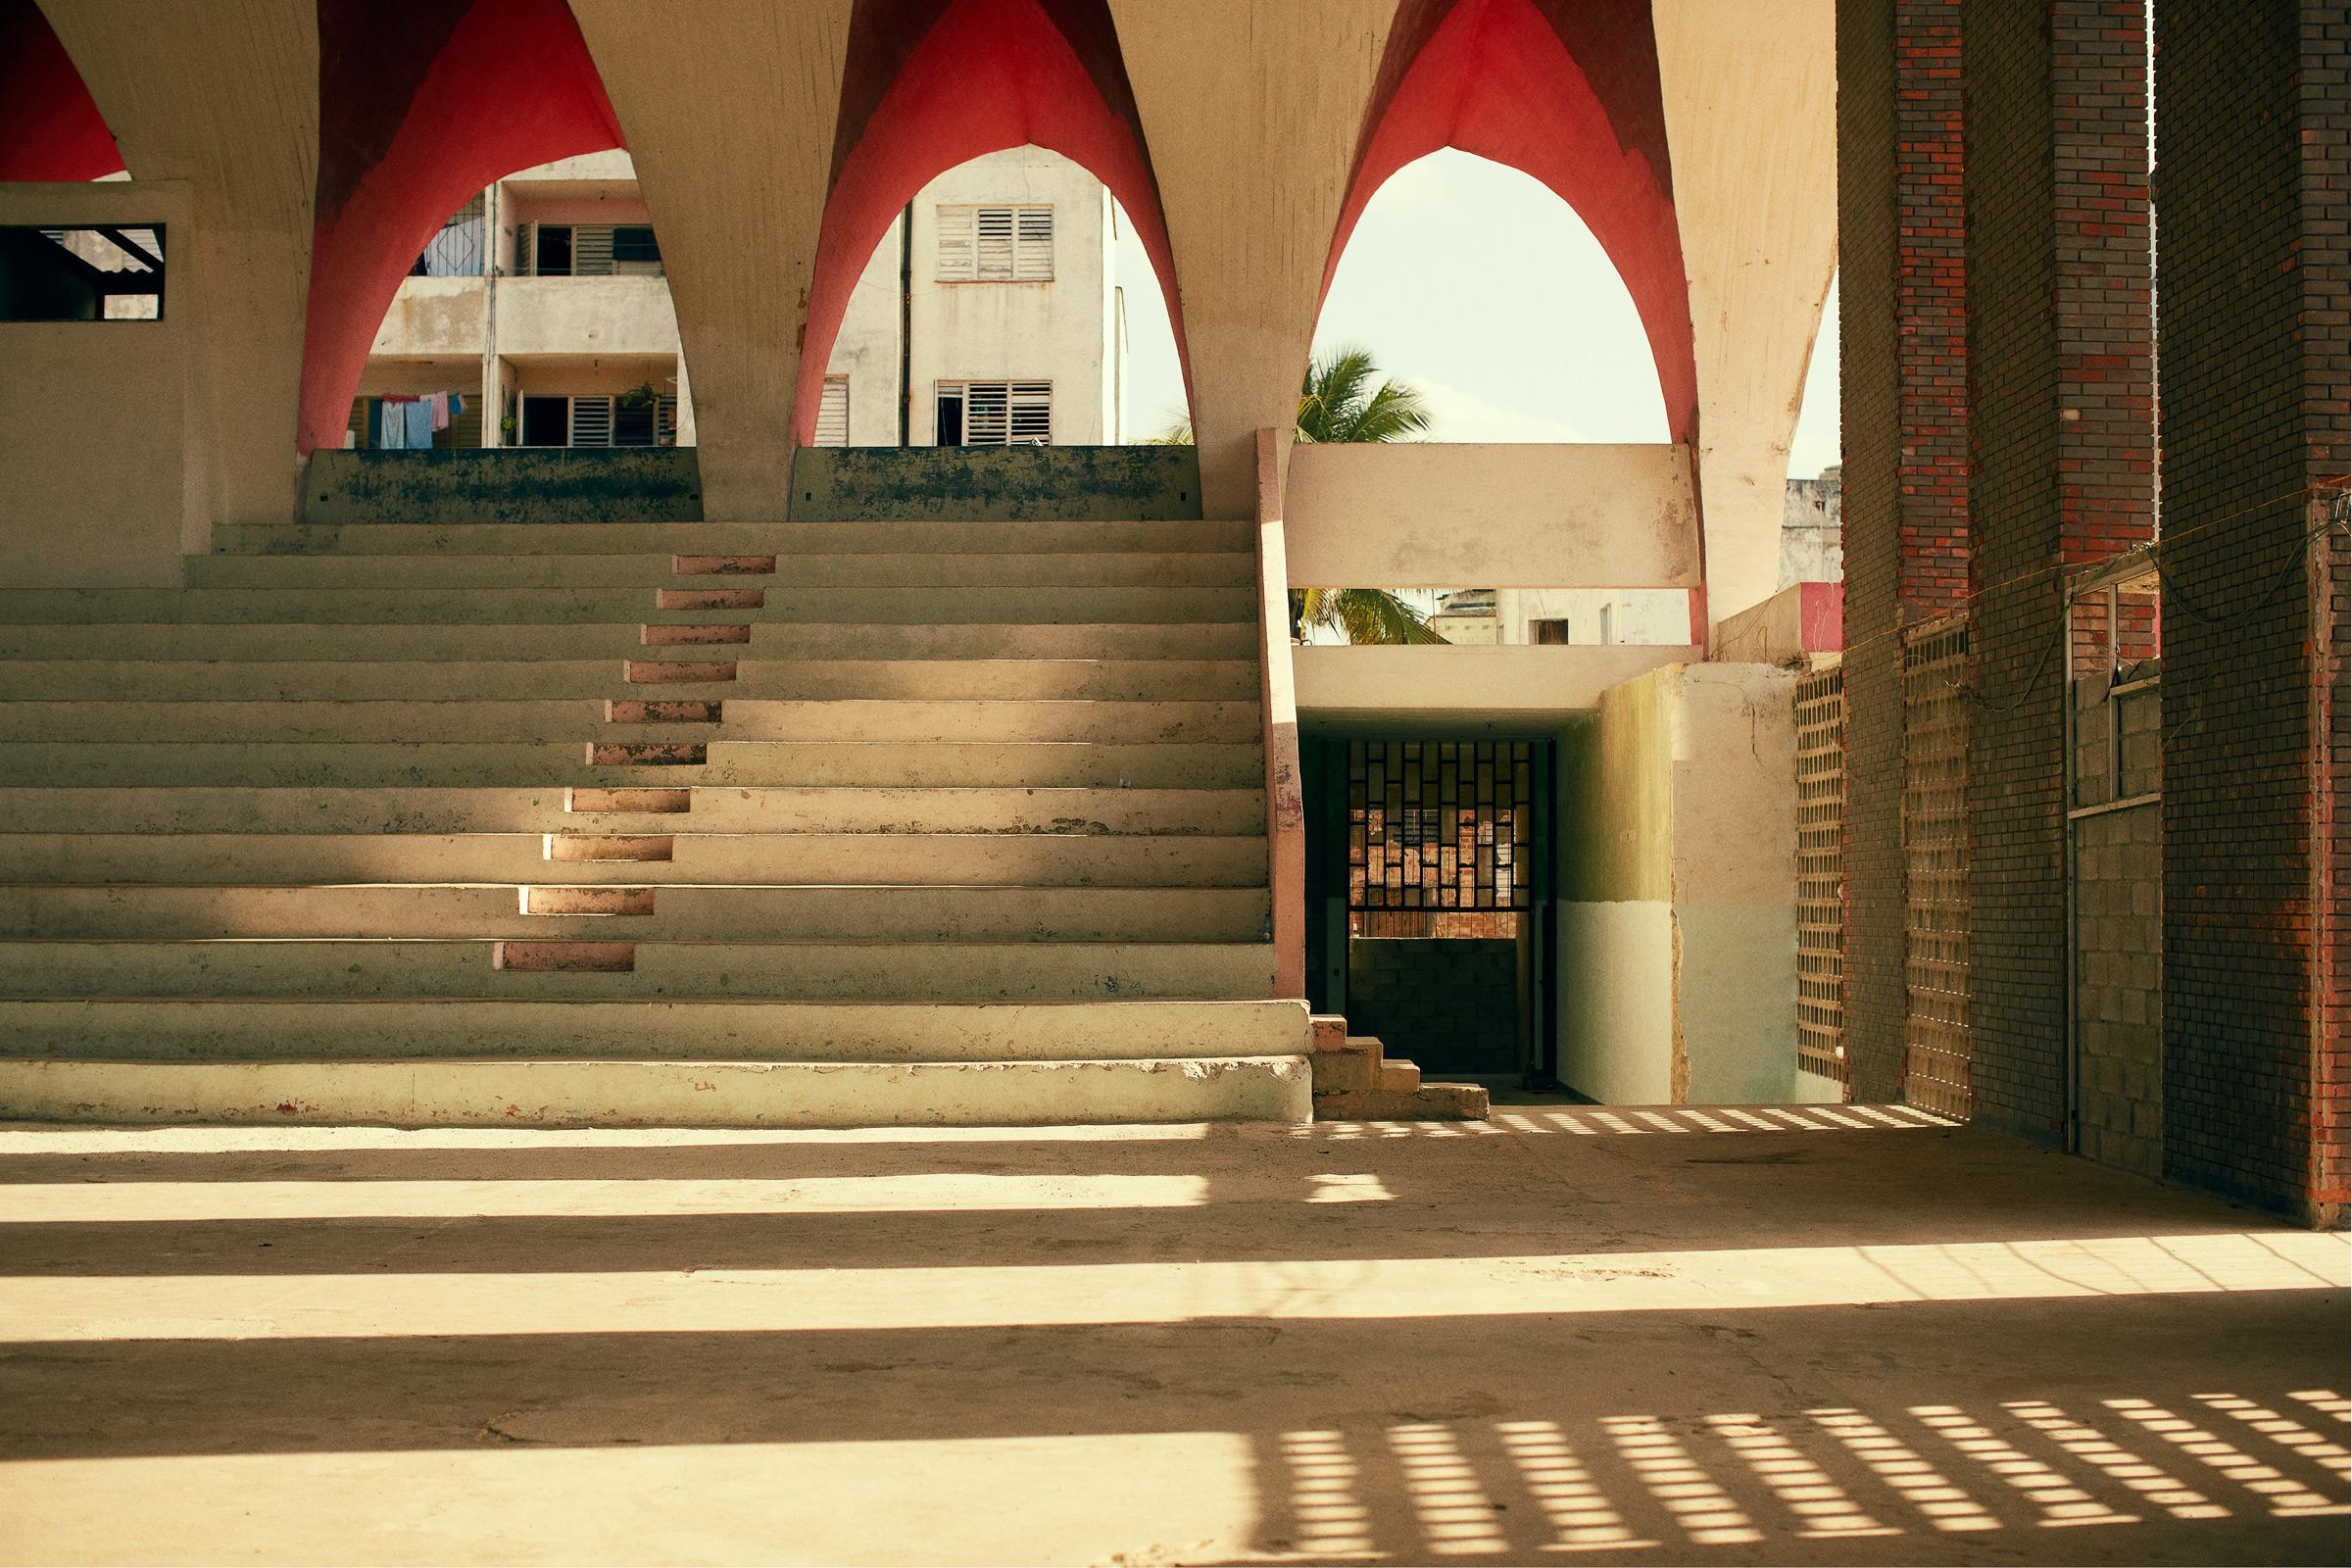 ollyburn.com Parque Jose Marti